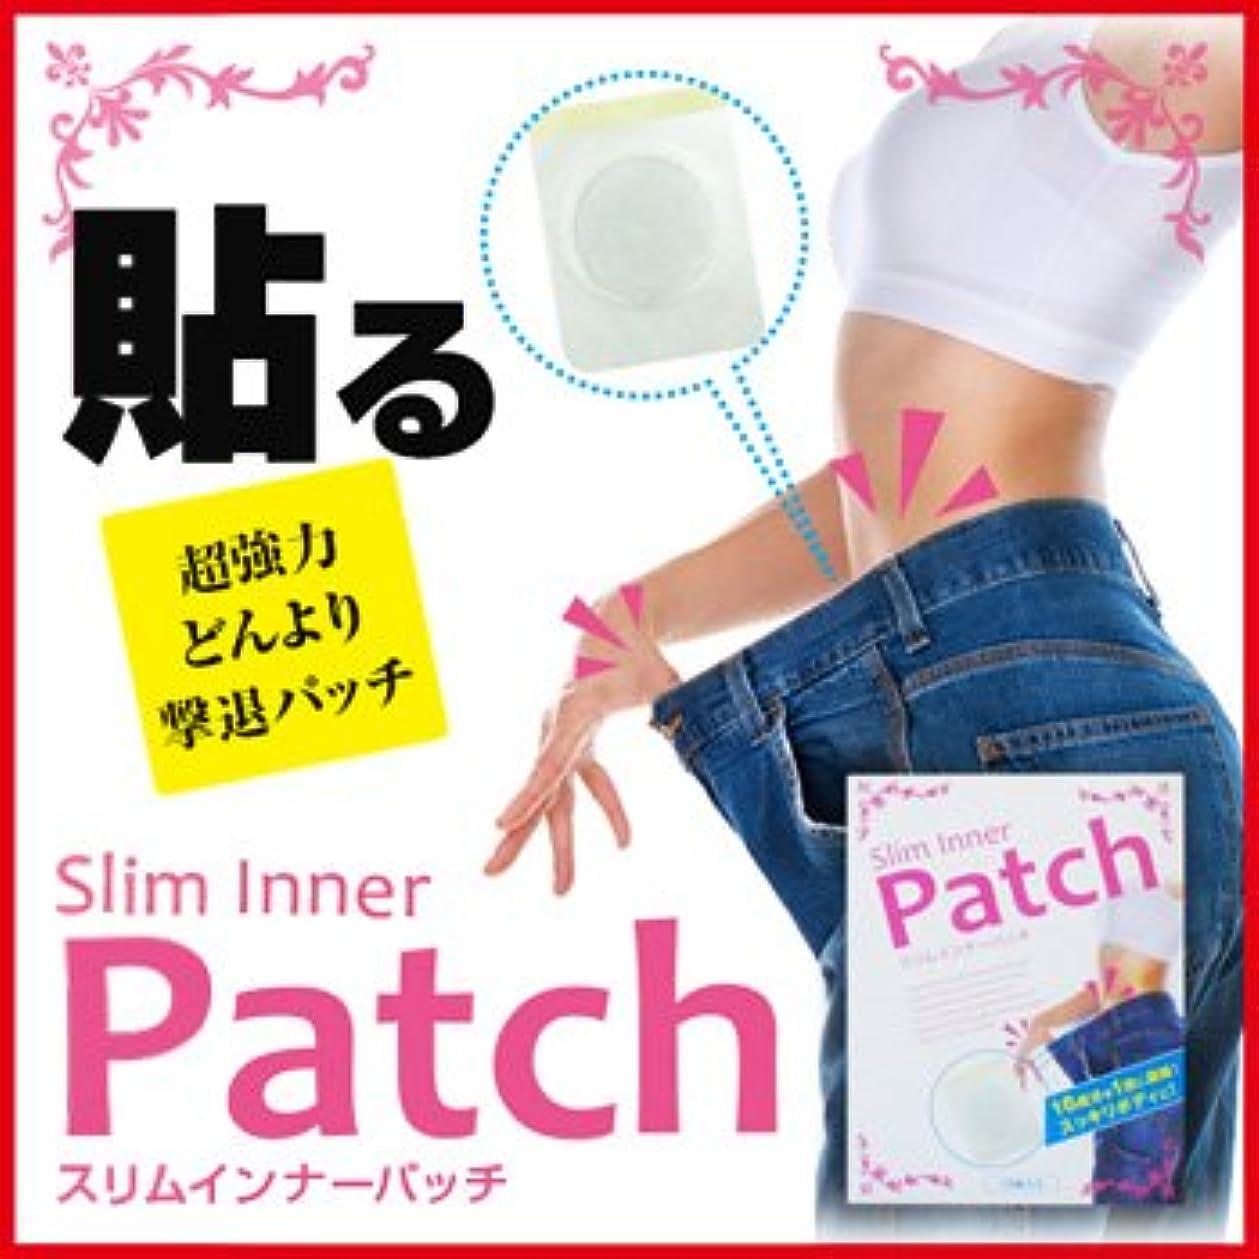 タフアルコーブ放棄されたSliminner Patch(スリムインナーパッチ)☆ 超強力!!どんより撃退パッチ